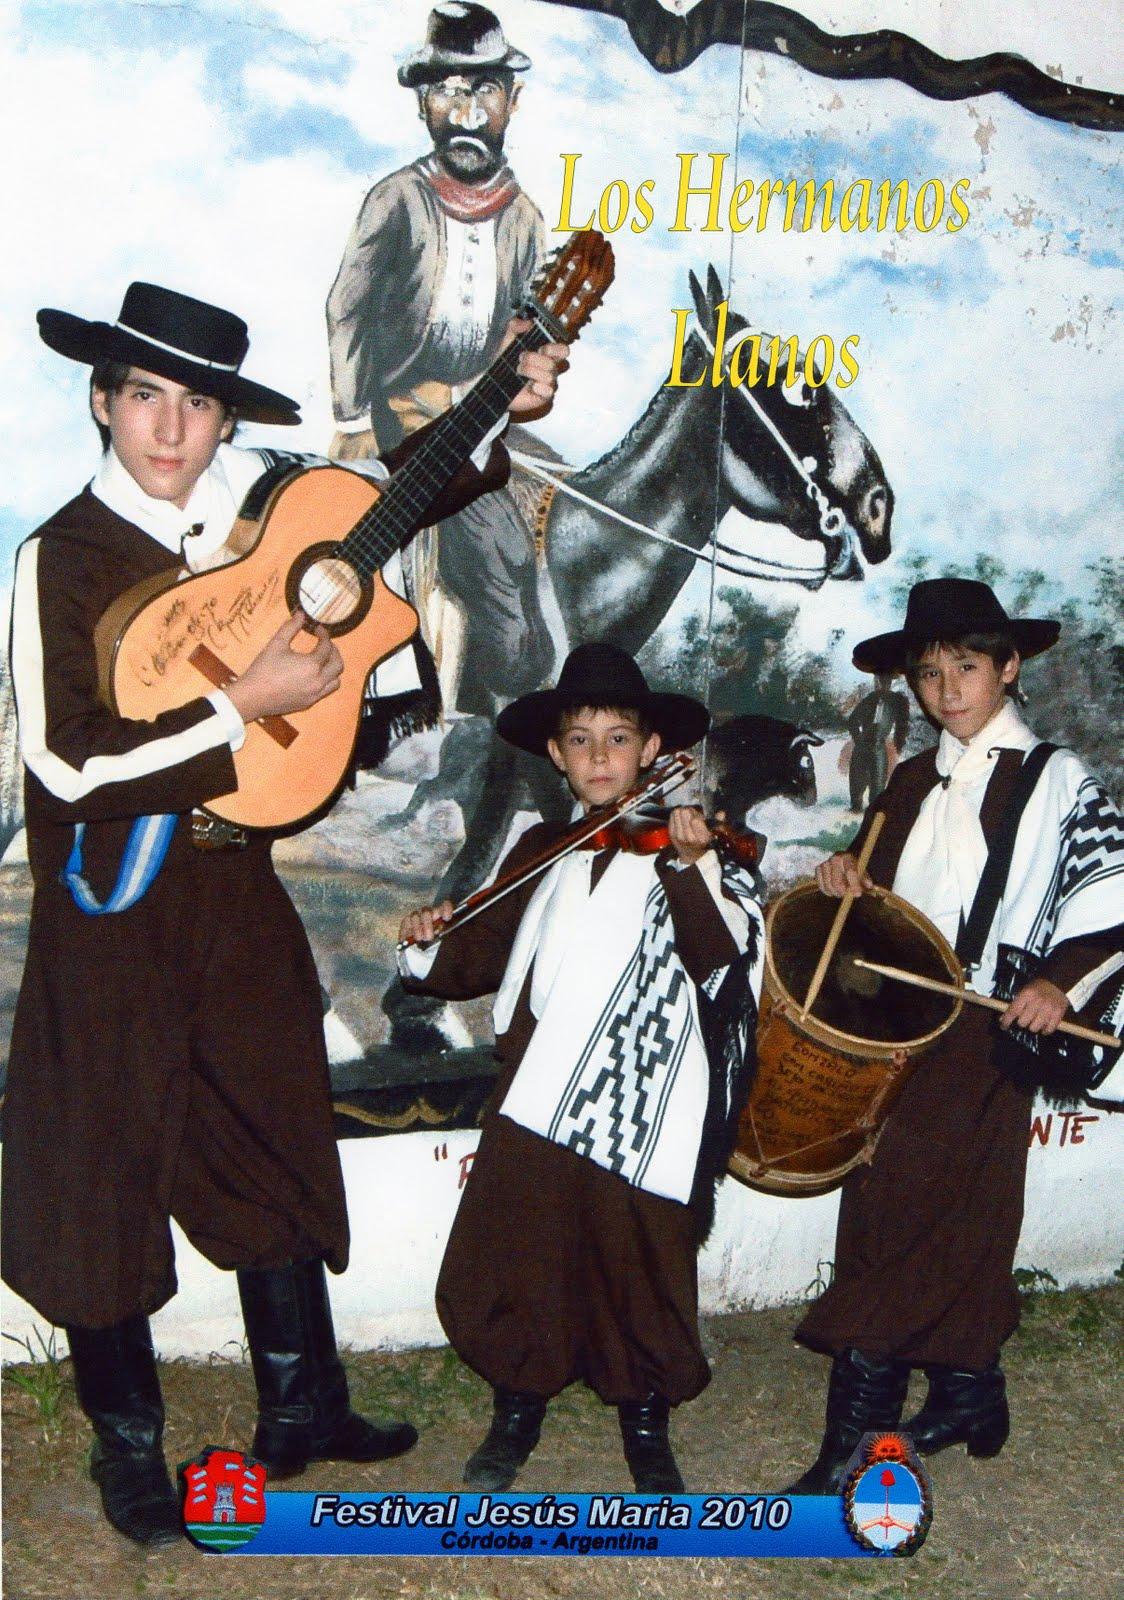 Los Hermanos Llanos